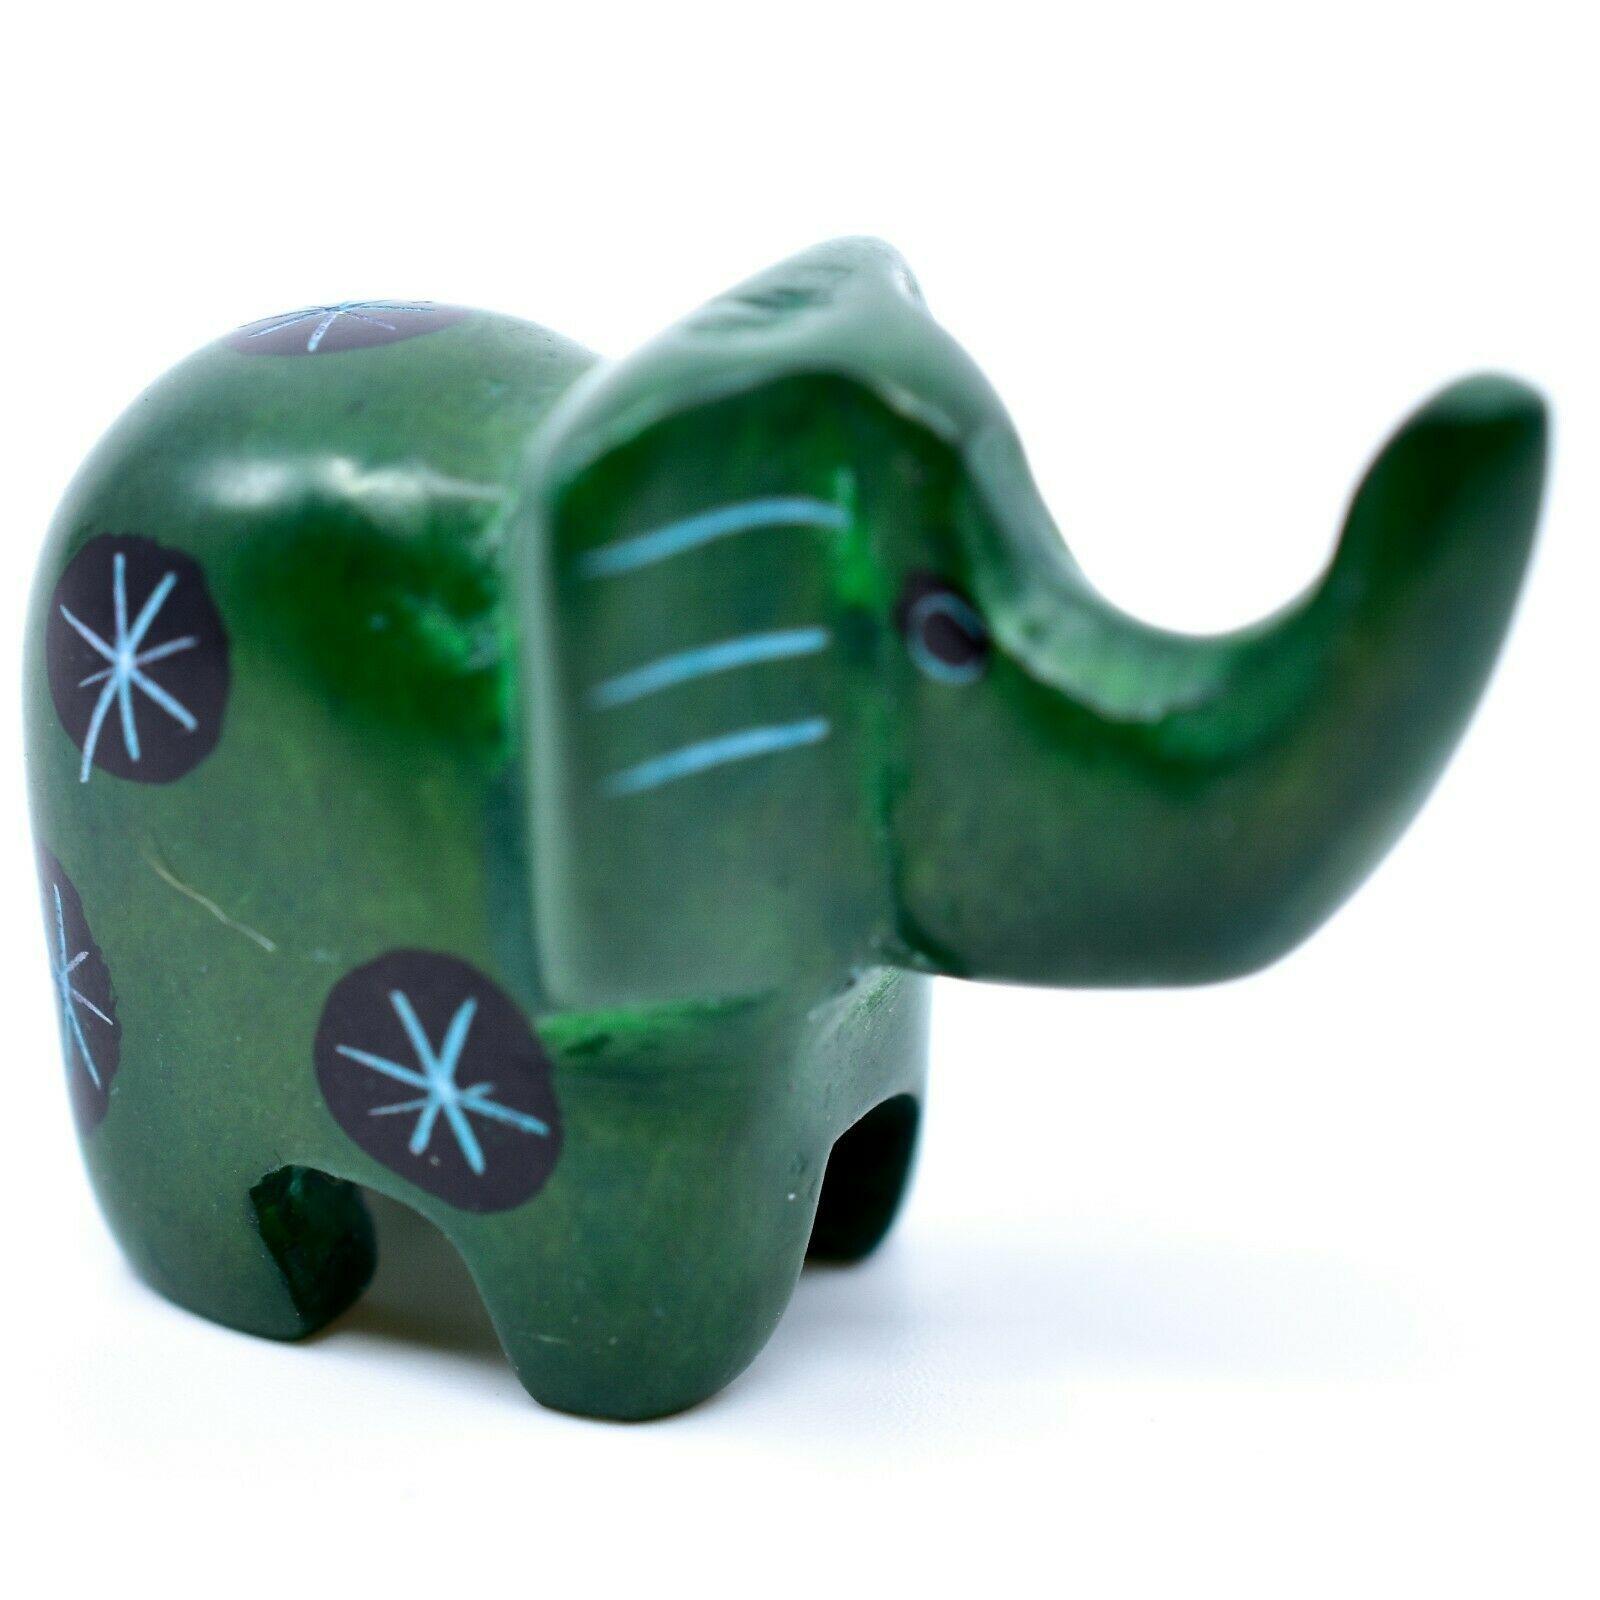 Tabaka Chigware Hand Carved Kisii Soapstone Miniature Green Elephant Figurine